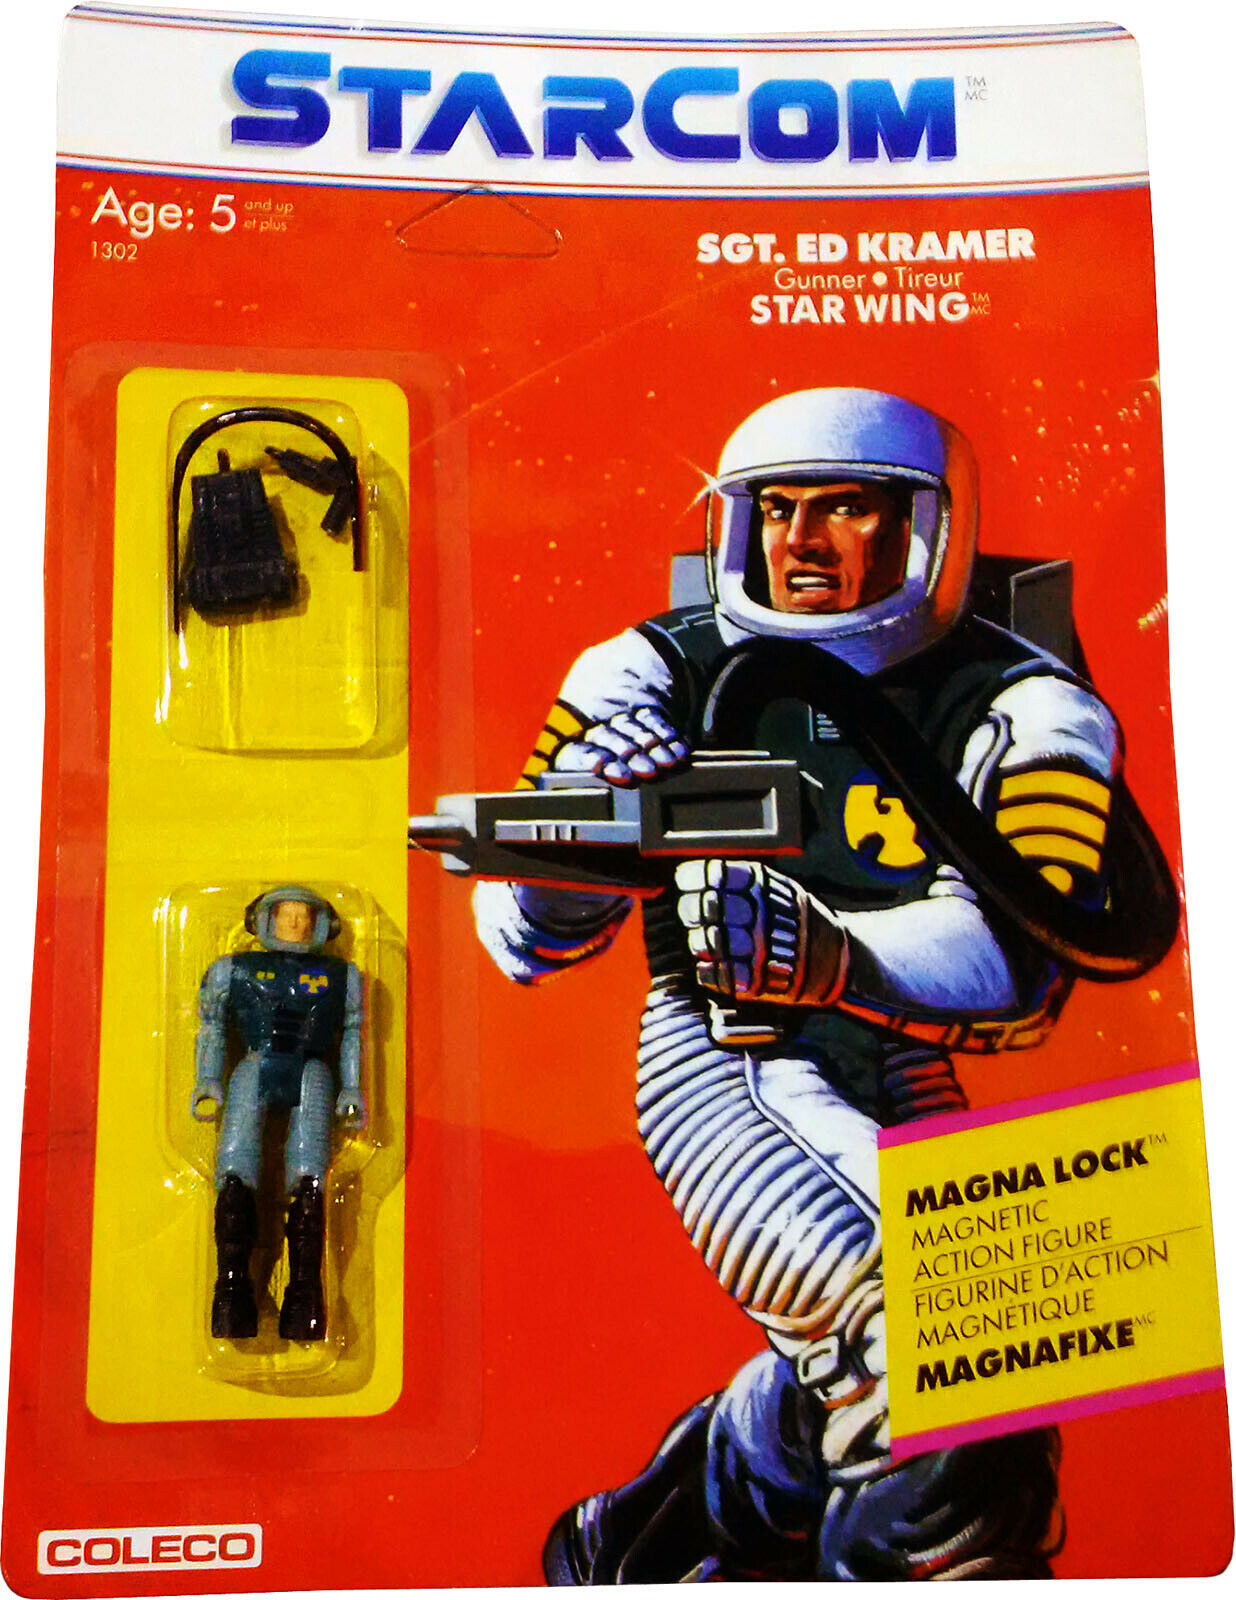 EstrellaCom ™ Sgt. Ed Kramer Figura De Acción-Vintage 1986-como nuevo en tarjeta sellada  nuevo  figura De Acción autoridad él